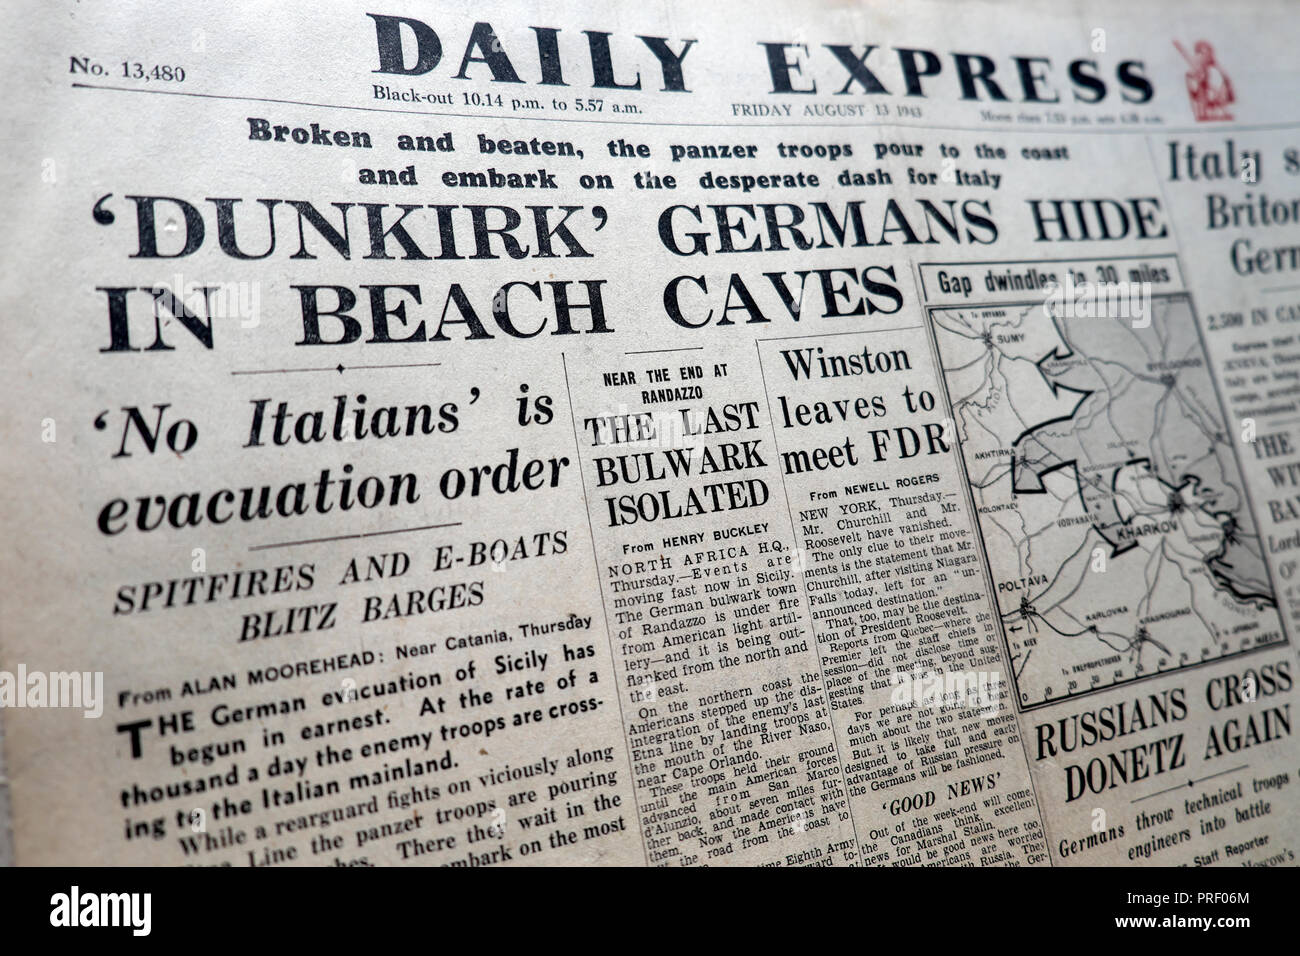 """Prima pagina dei giornali del Daily Express quotidiano 'Dunkirk tedeschi nascondere in spiaggia grotte"""" Londra EnglandUK Agosto 1943 ARCHIVIO STORICO Immagini Stock"""